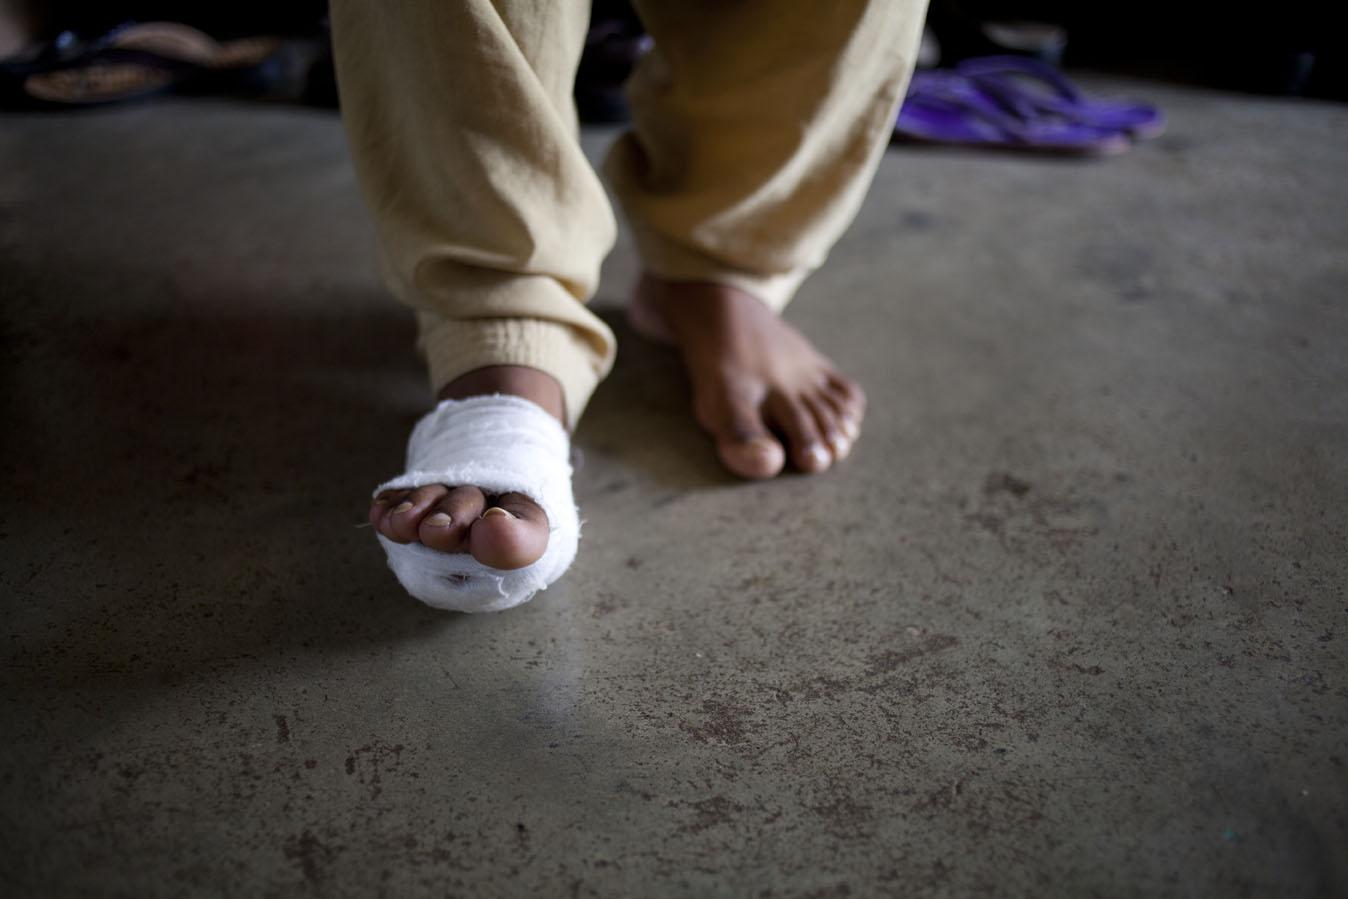 Becca_Ewing_Suttur_glass in foot.jpg